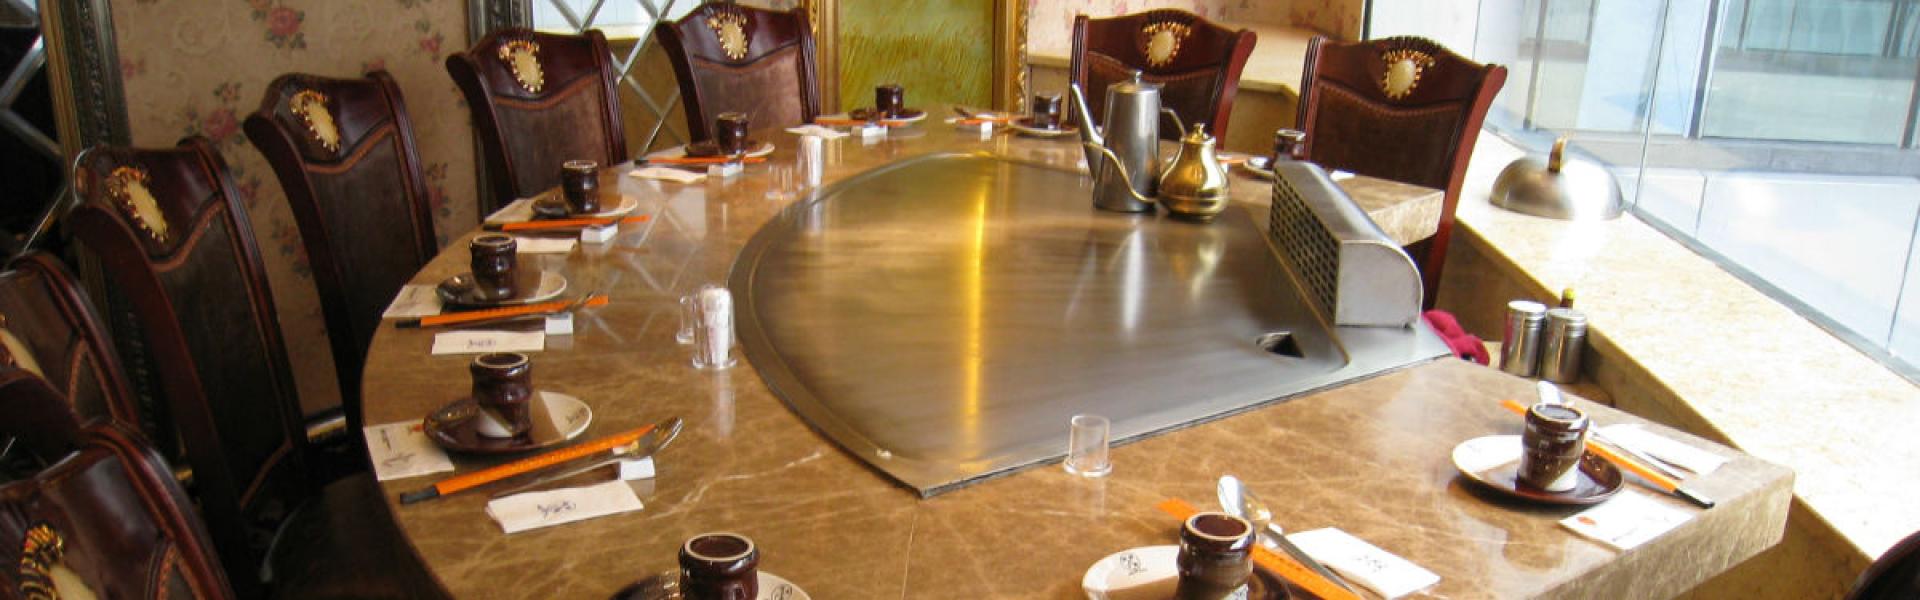 马蹄形厨房设备案例样品图